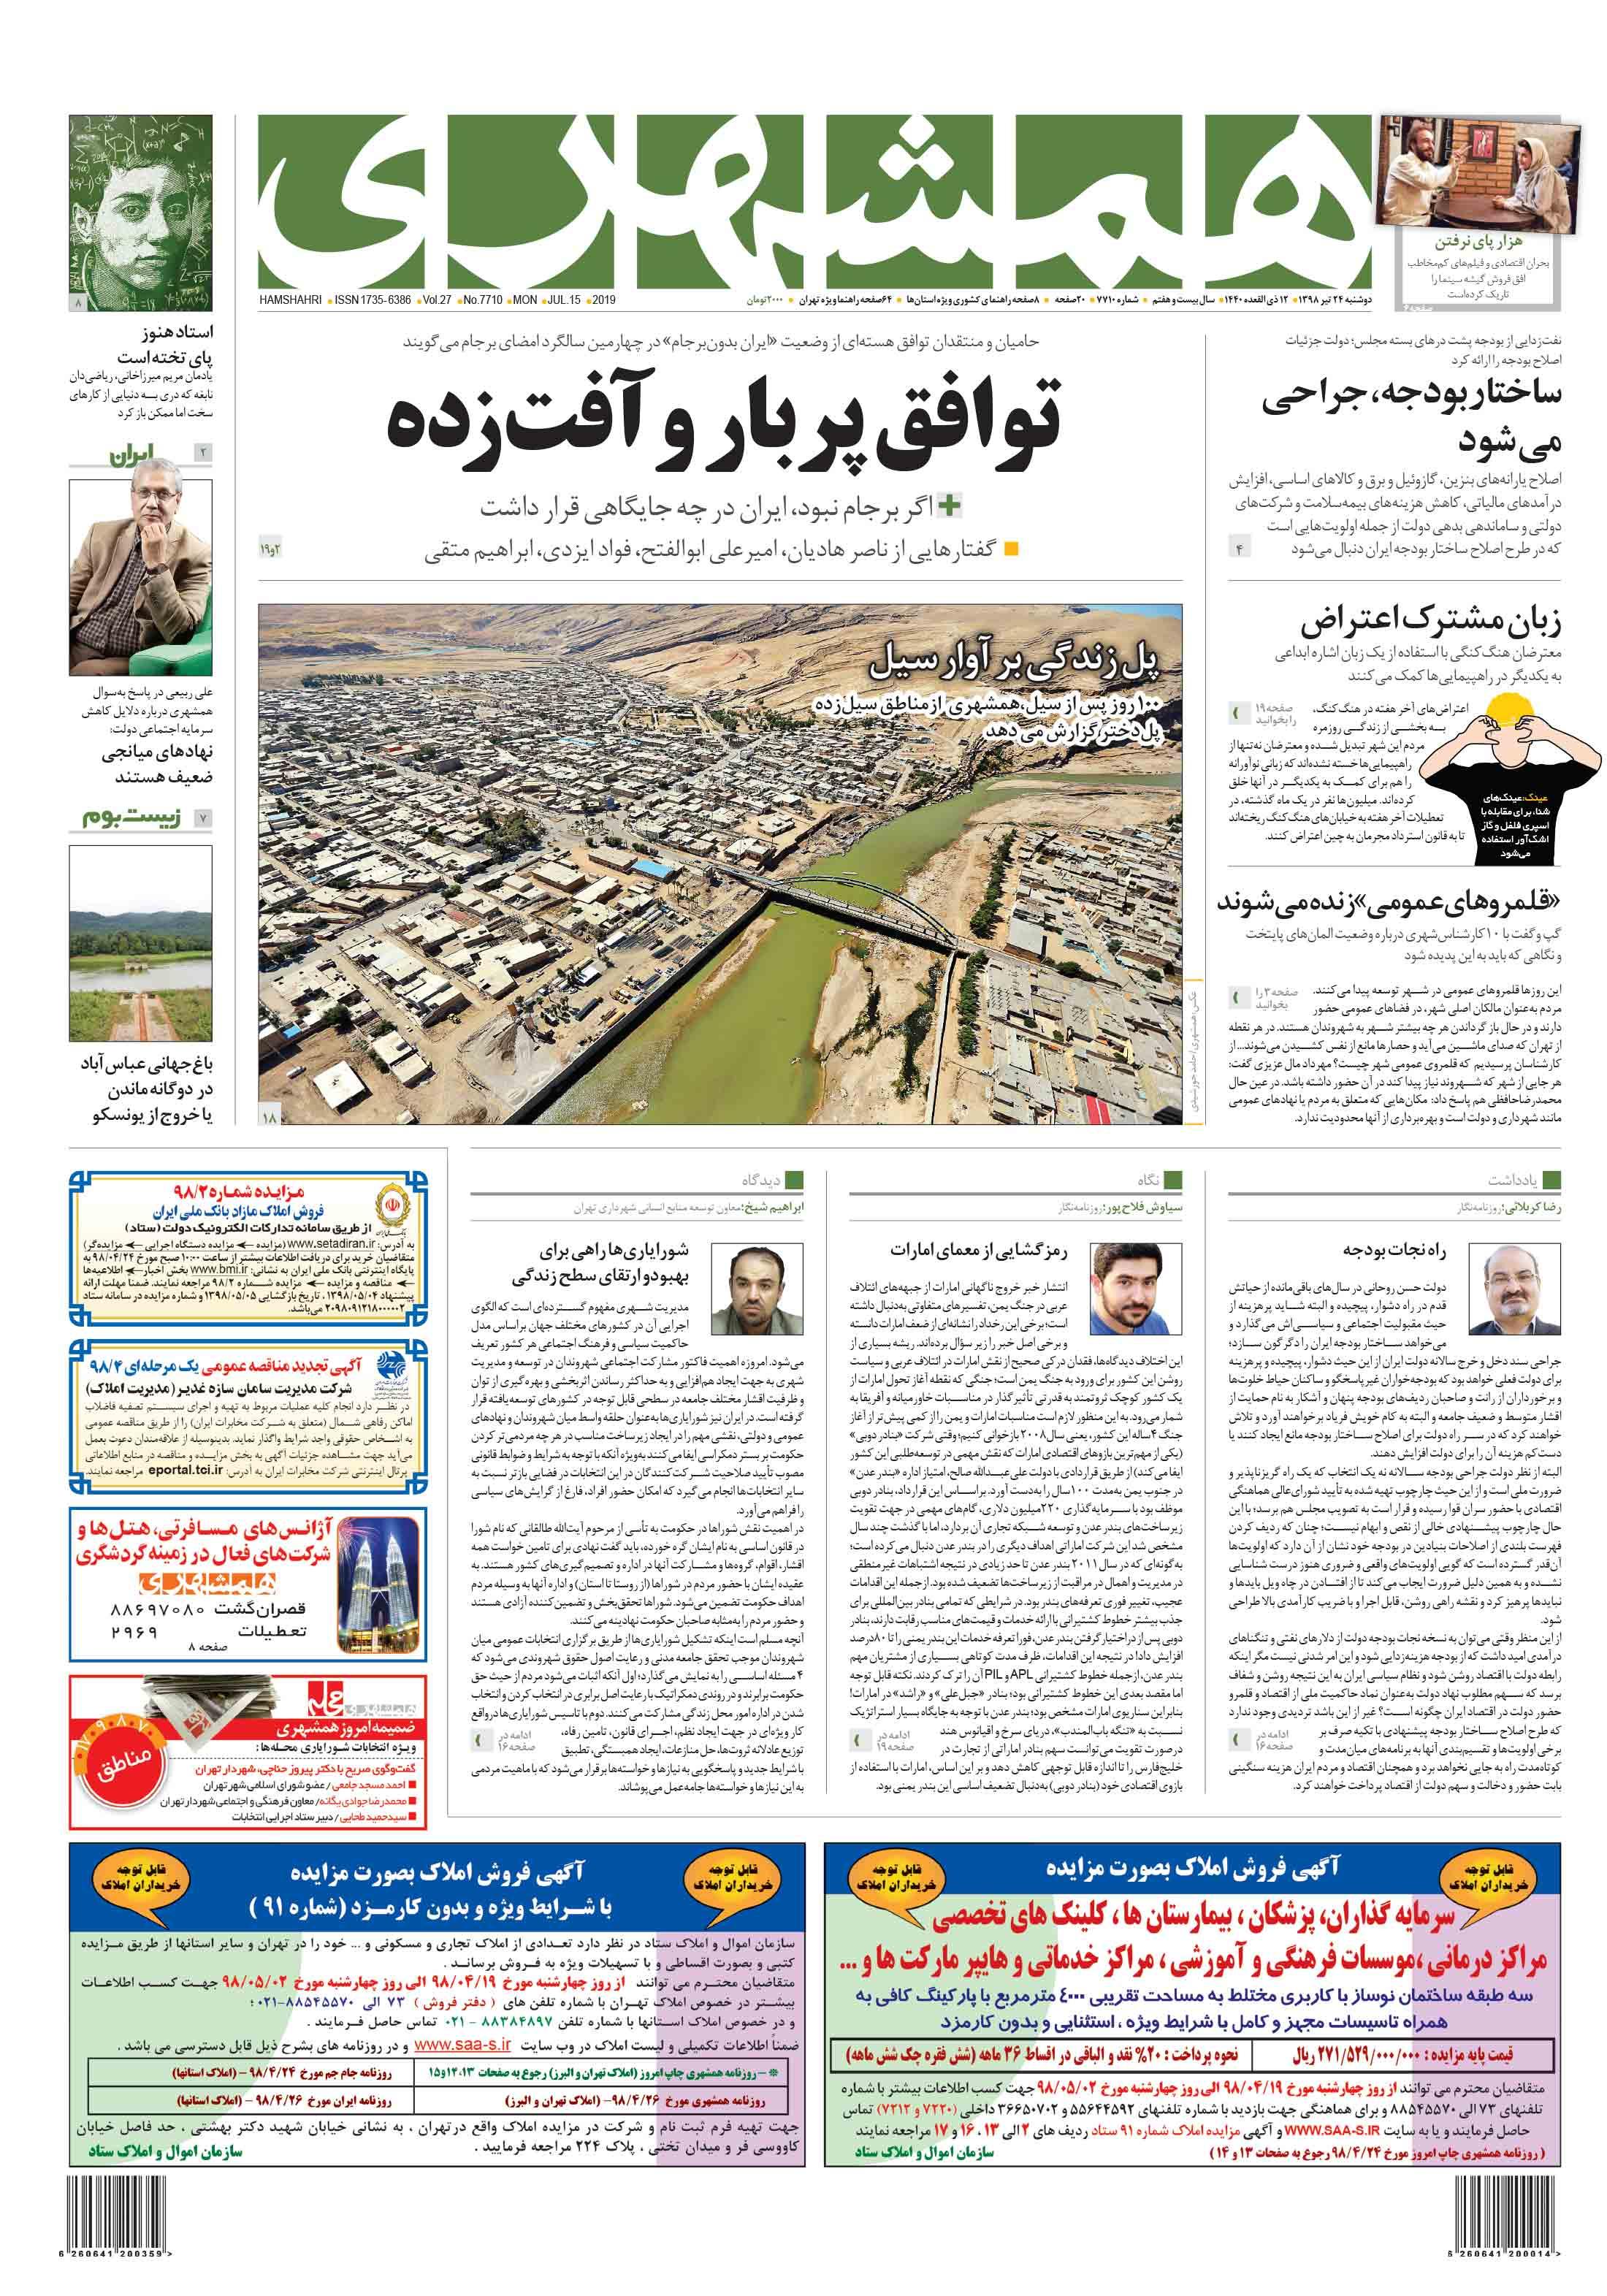 صفحه اول دوشنبه 24 تیر 1398